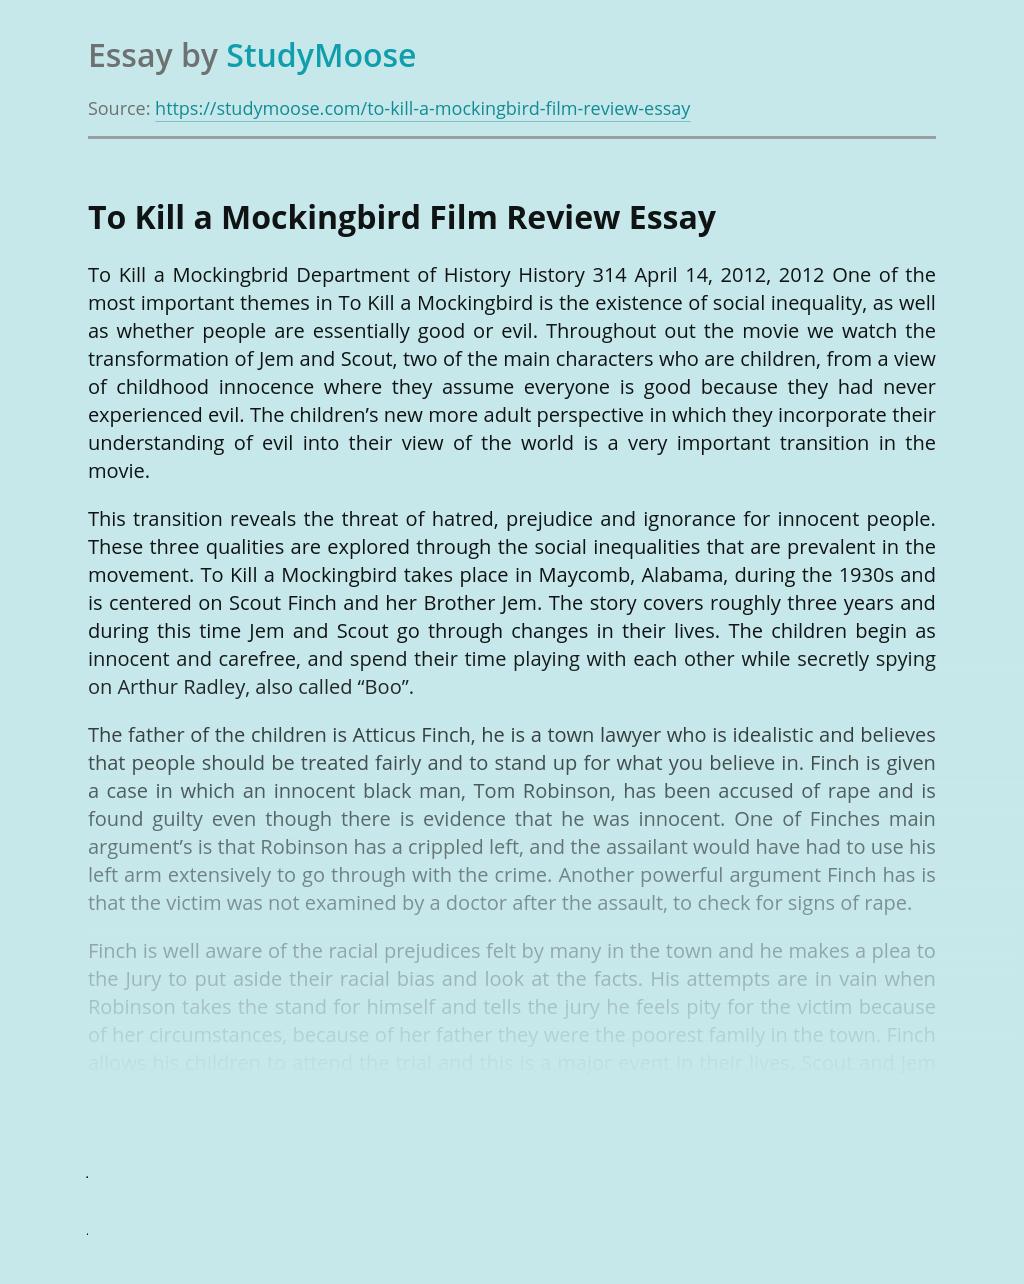 To Kill a Mockingbird Film Review